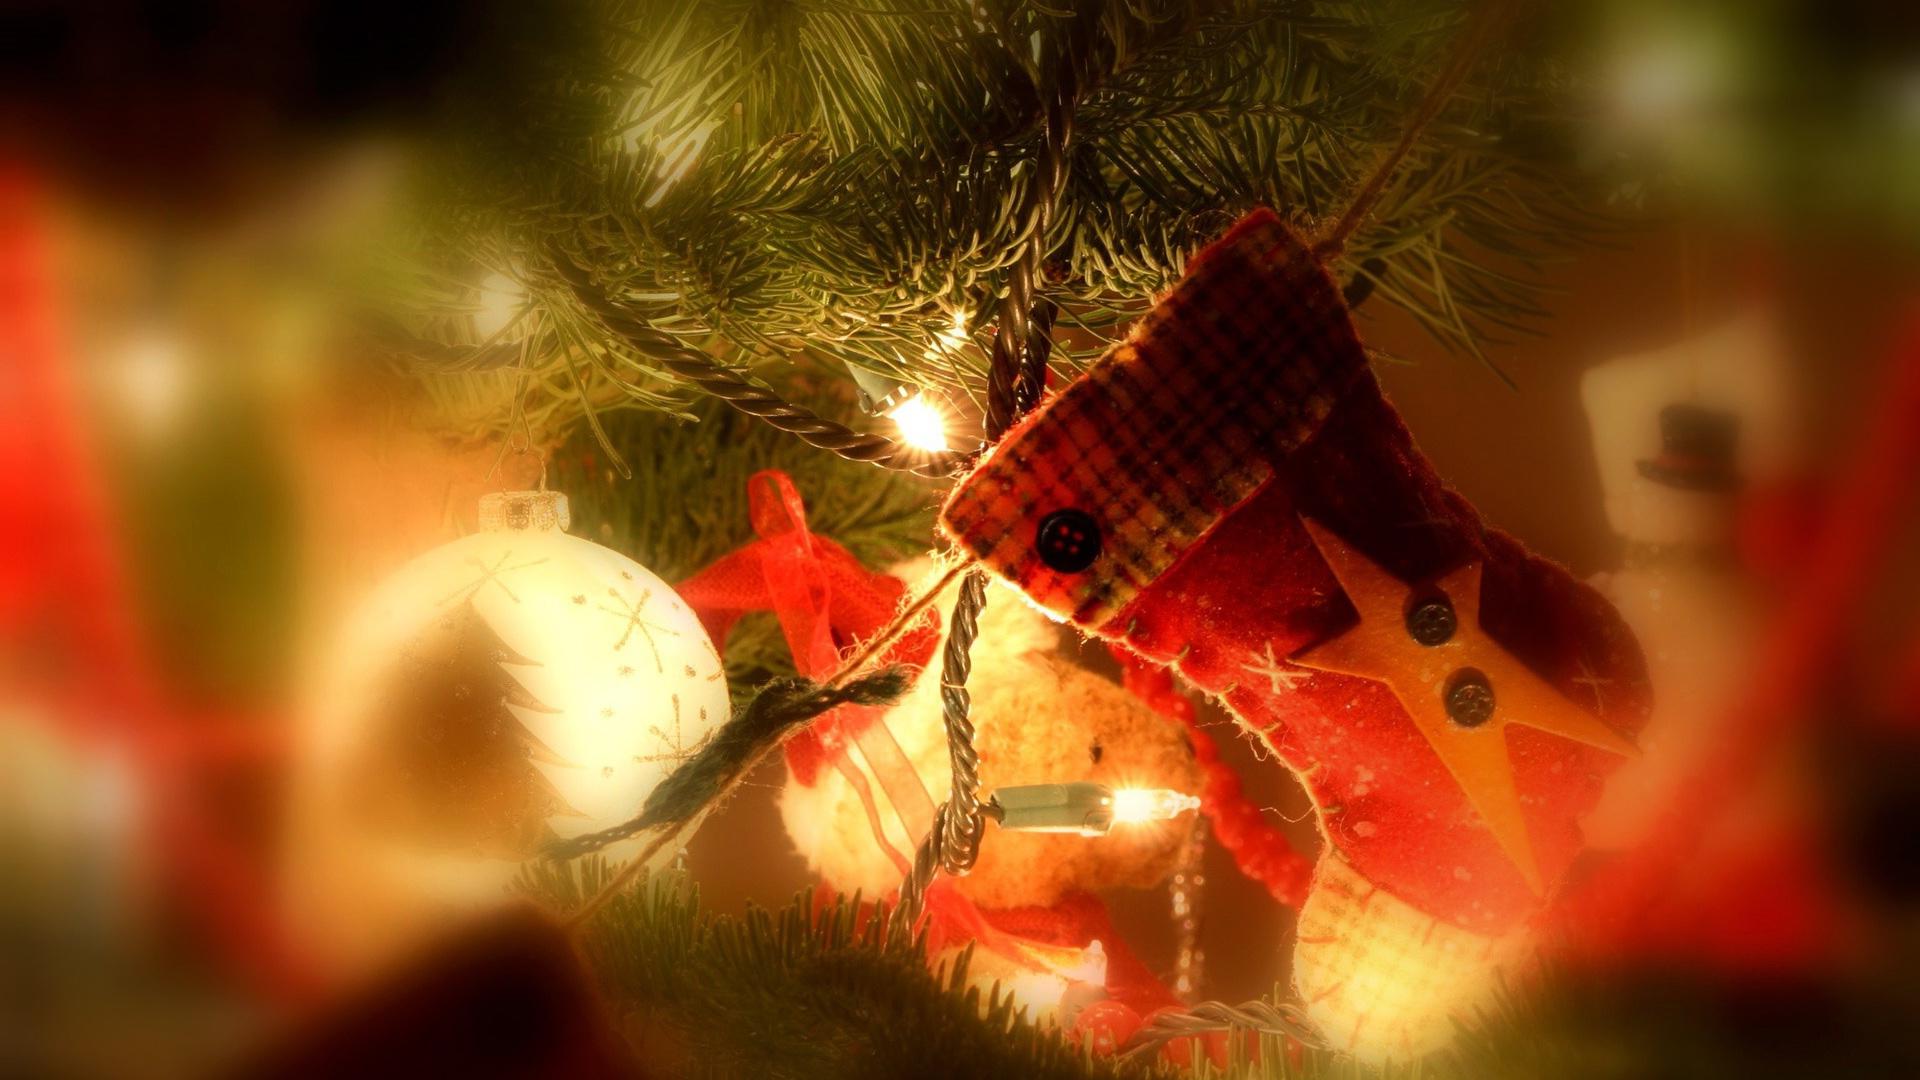 рождество новый год Christmas new year  № 2656598 бесплатно